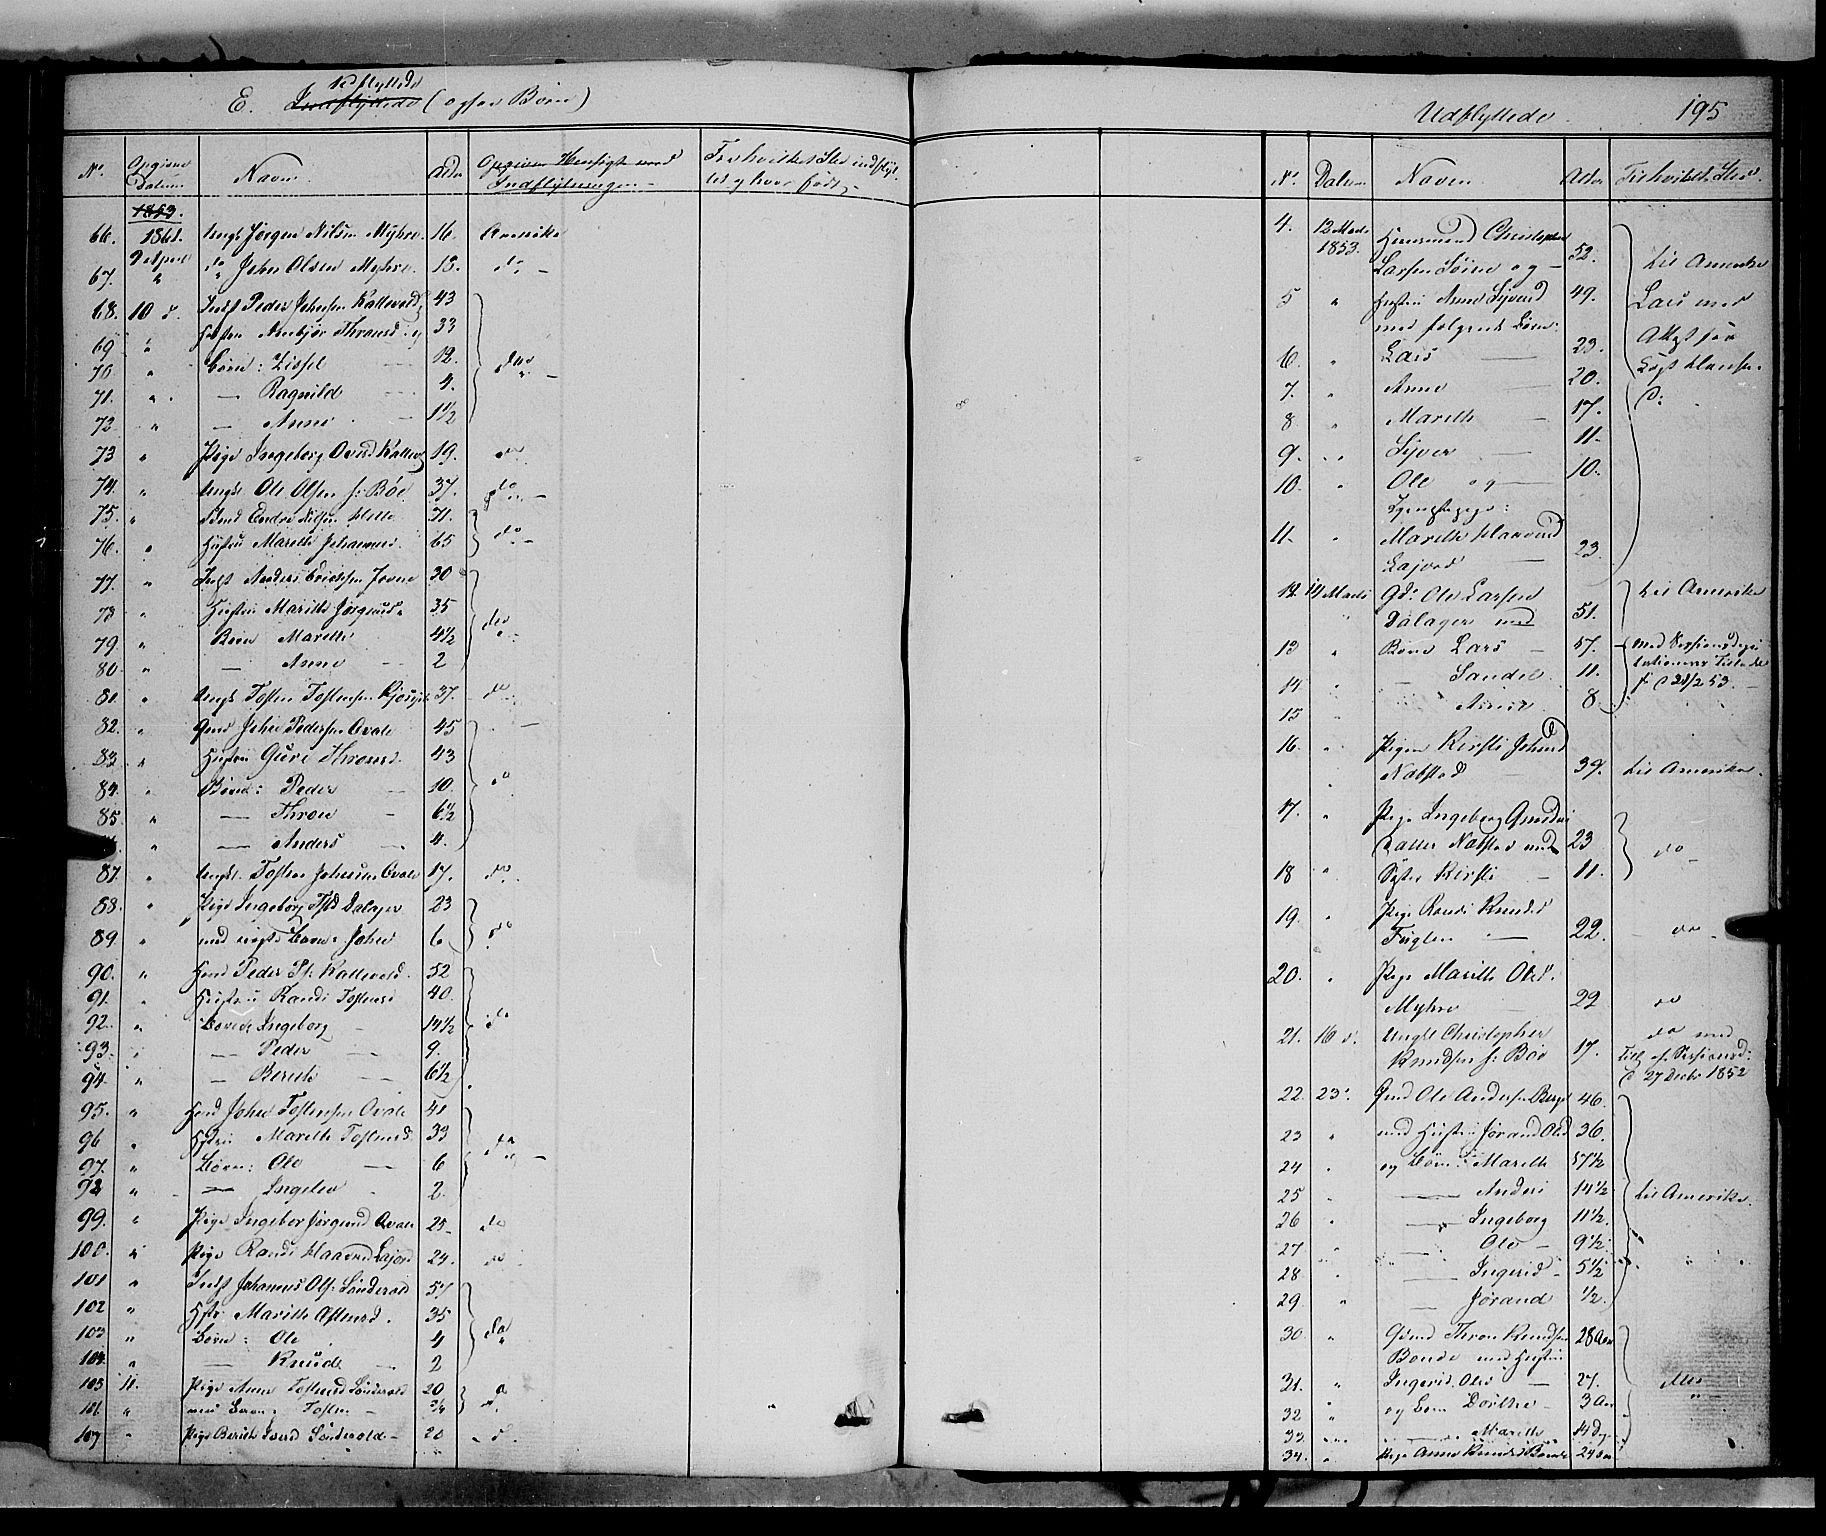 SAH, Vang prestekontor, Valdres, Ministerialbok nr. 6, 1846-1864, s. 195